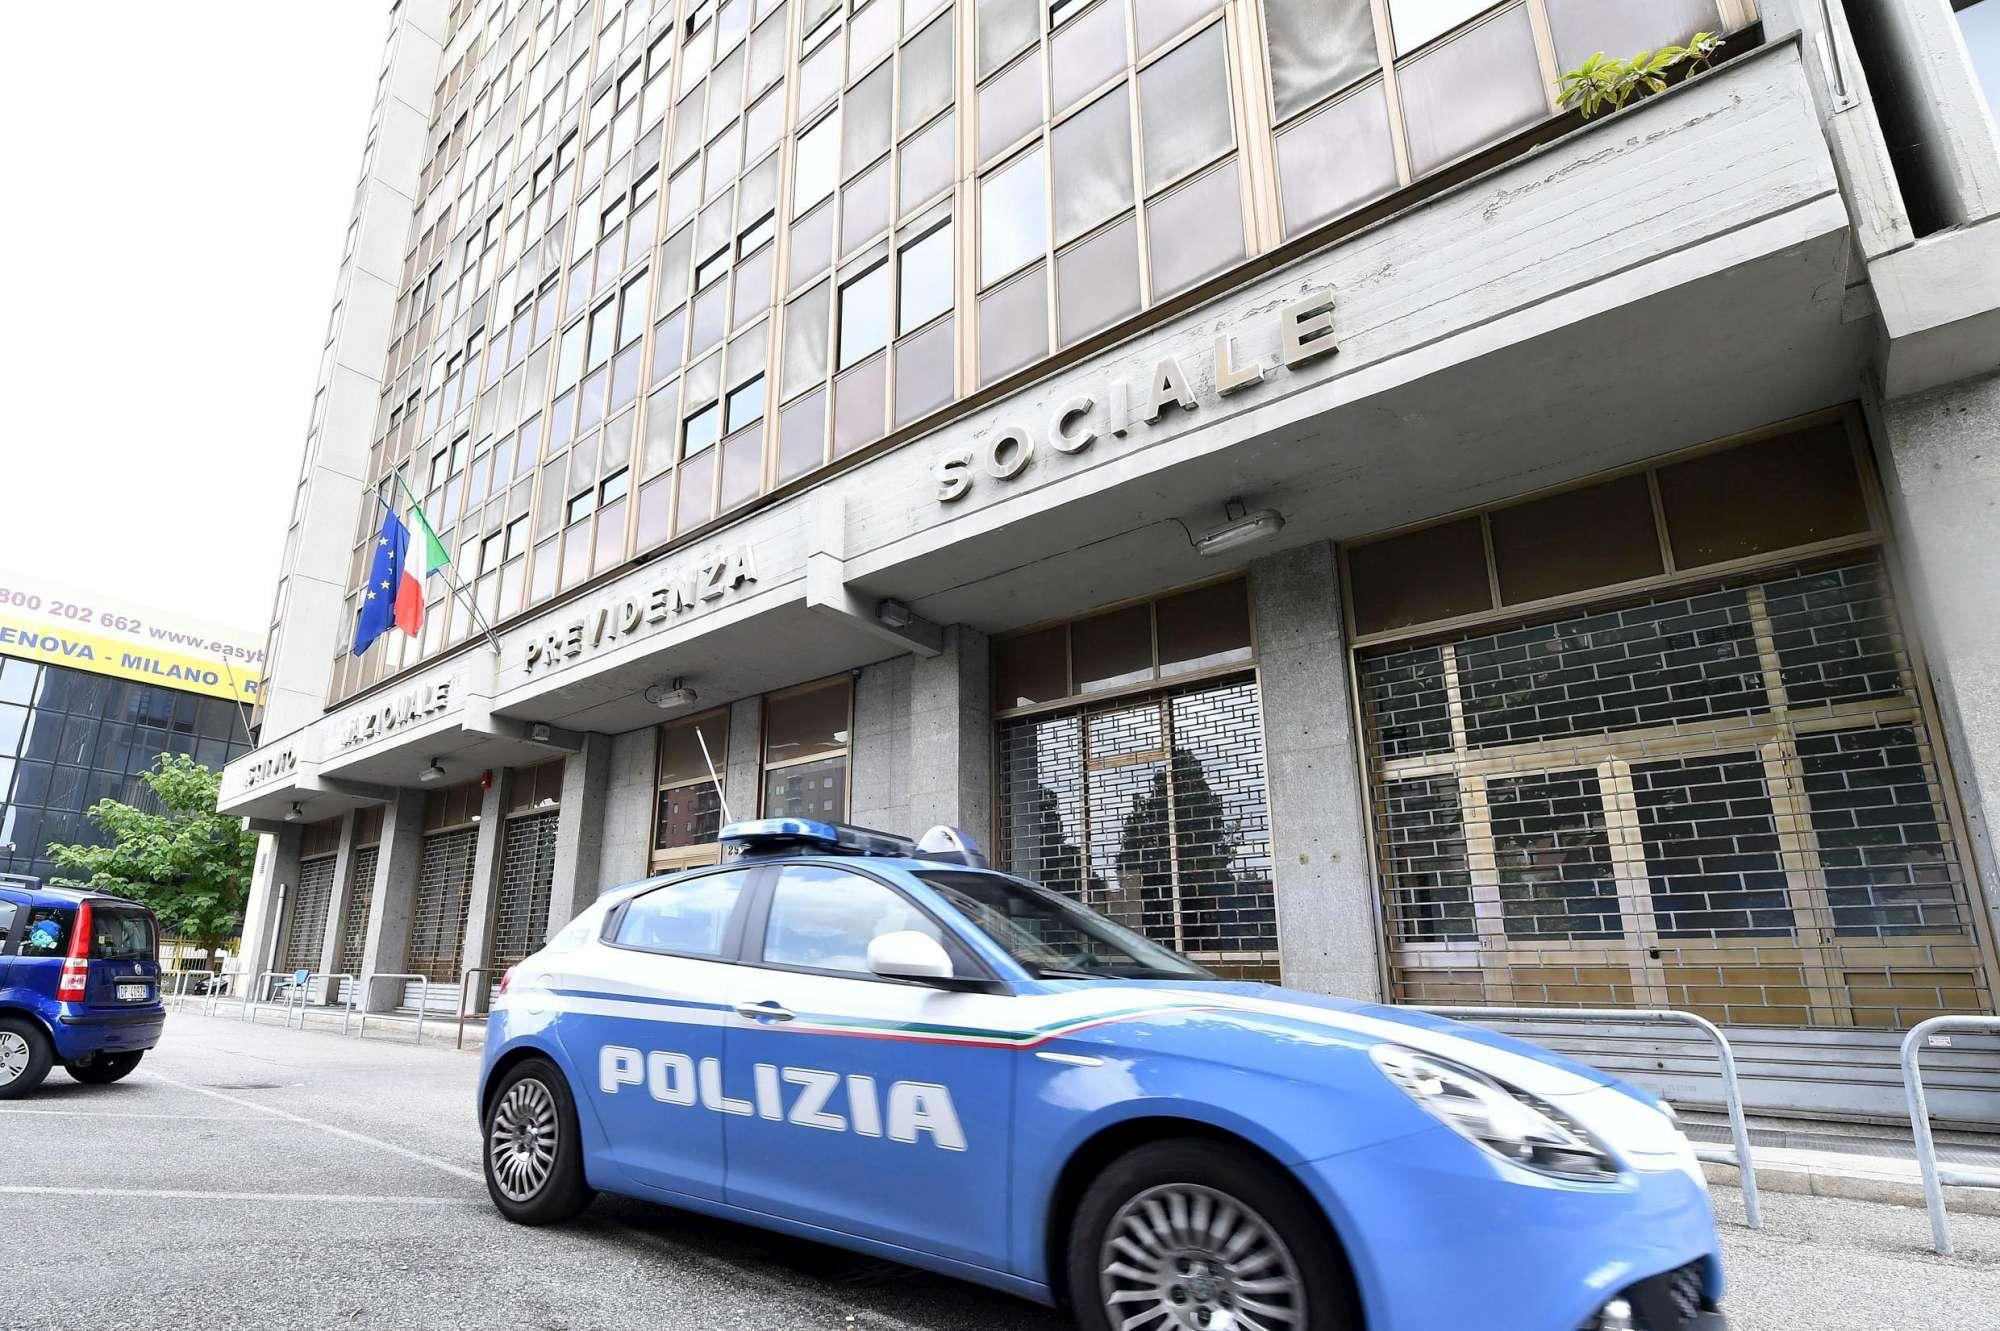 Ufficio Per Disoccupazione Milano : Torino disoccupata si dà fuoco negli uffici dellinps foto tgcom24